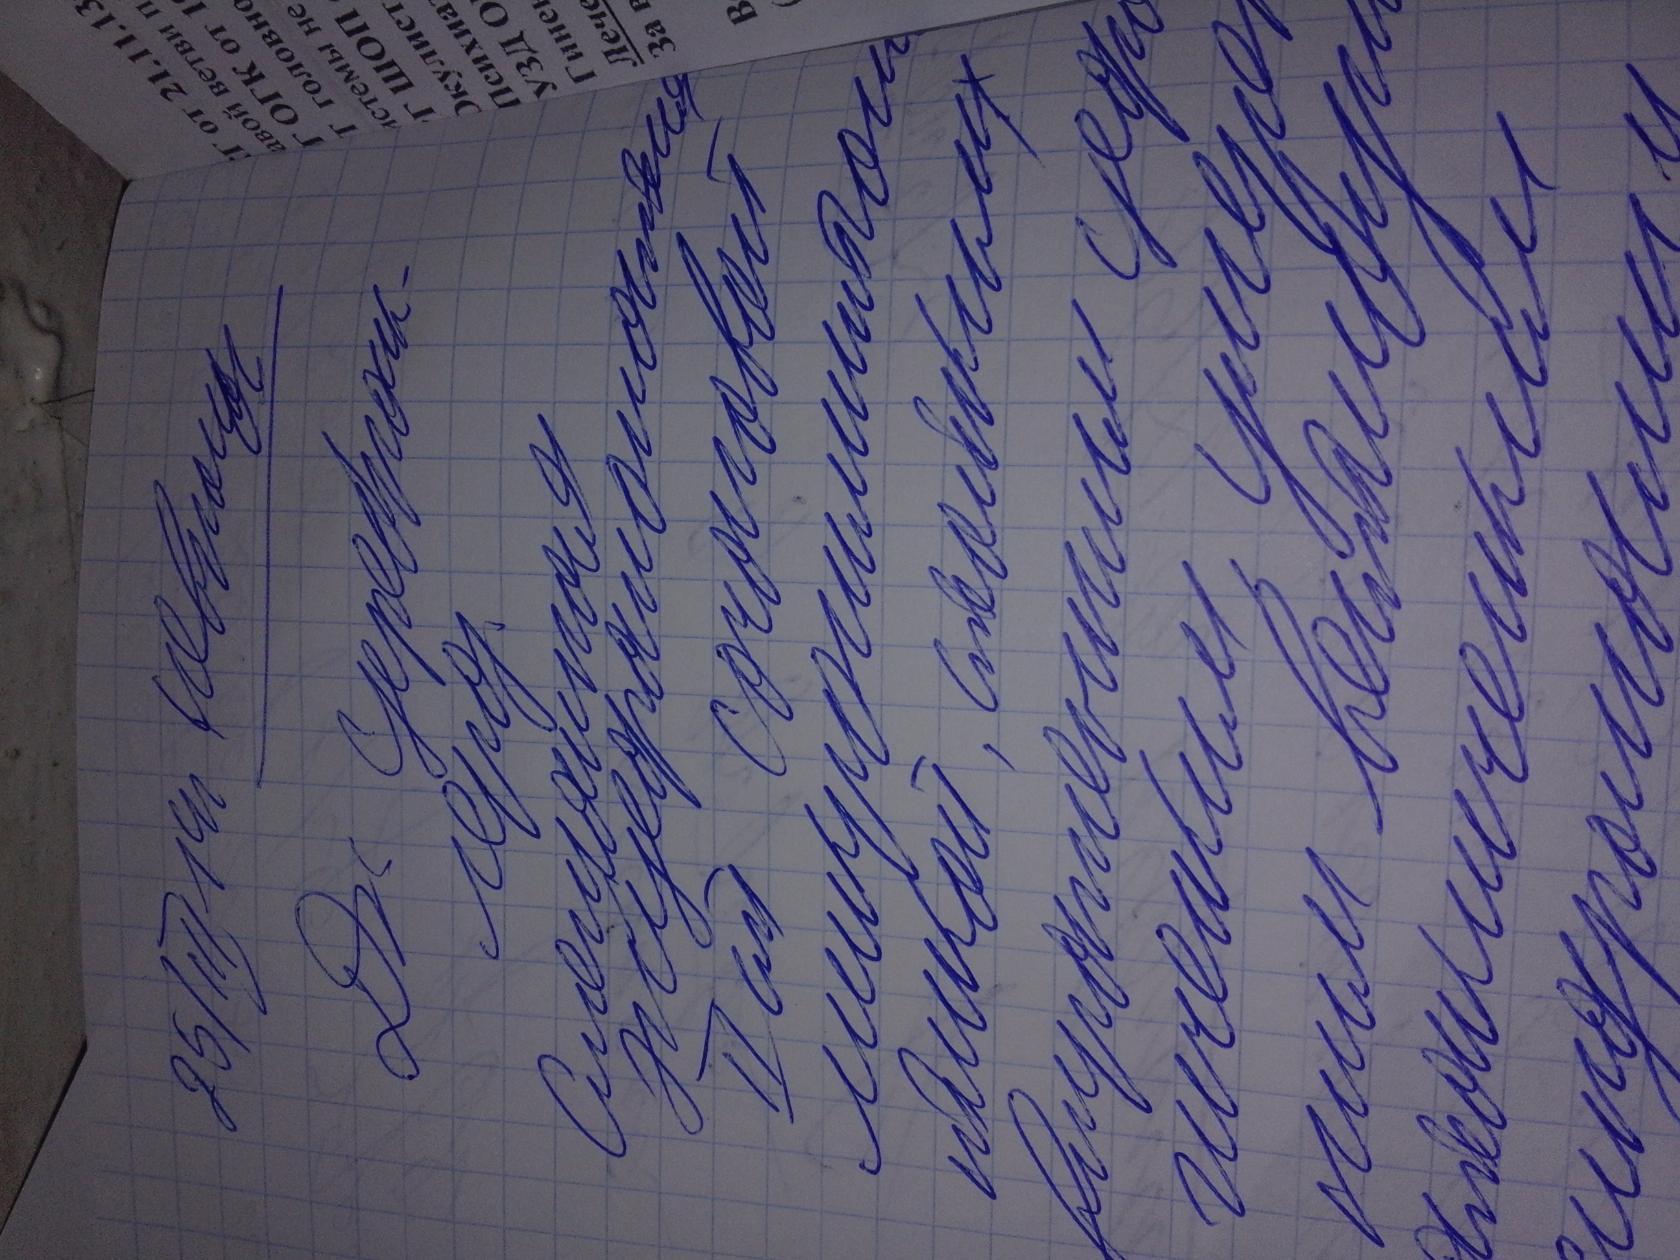 почерк врачей фото знаменитый, самый сервисный